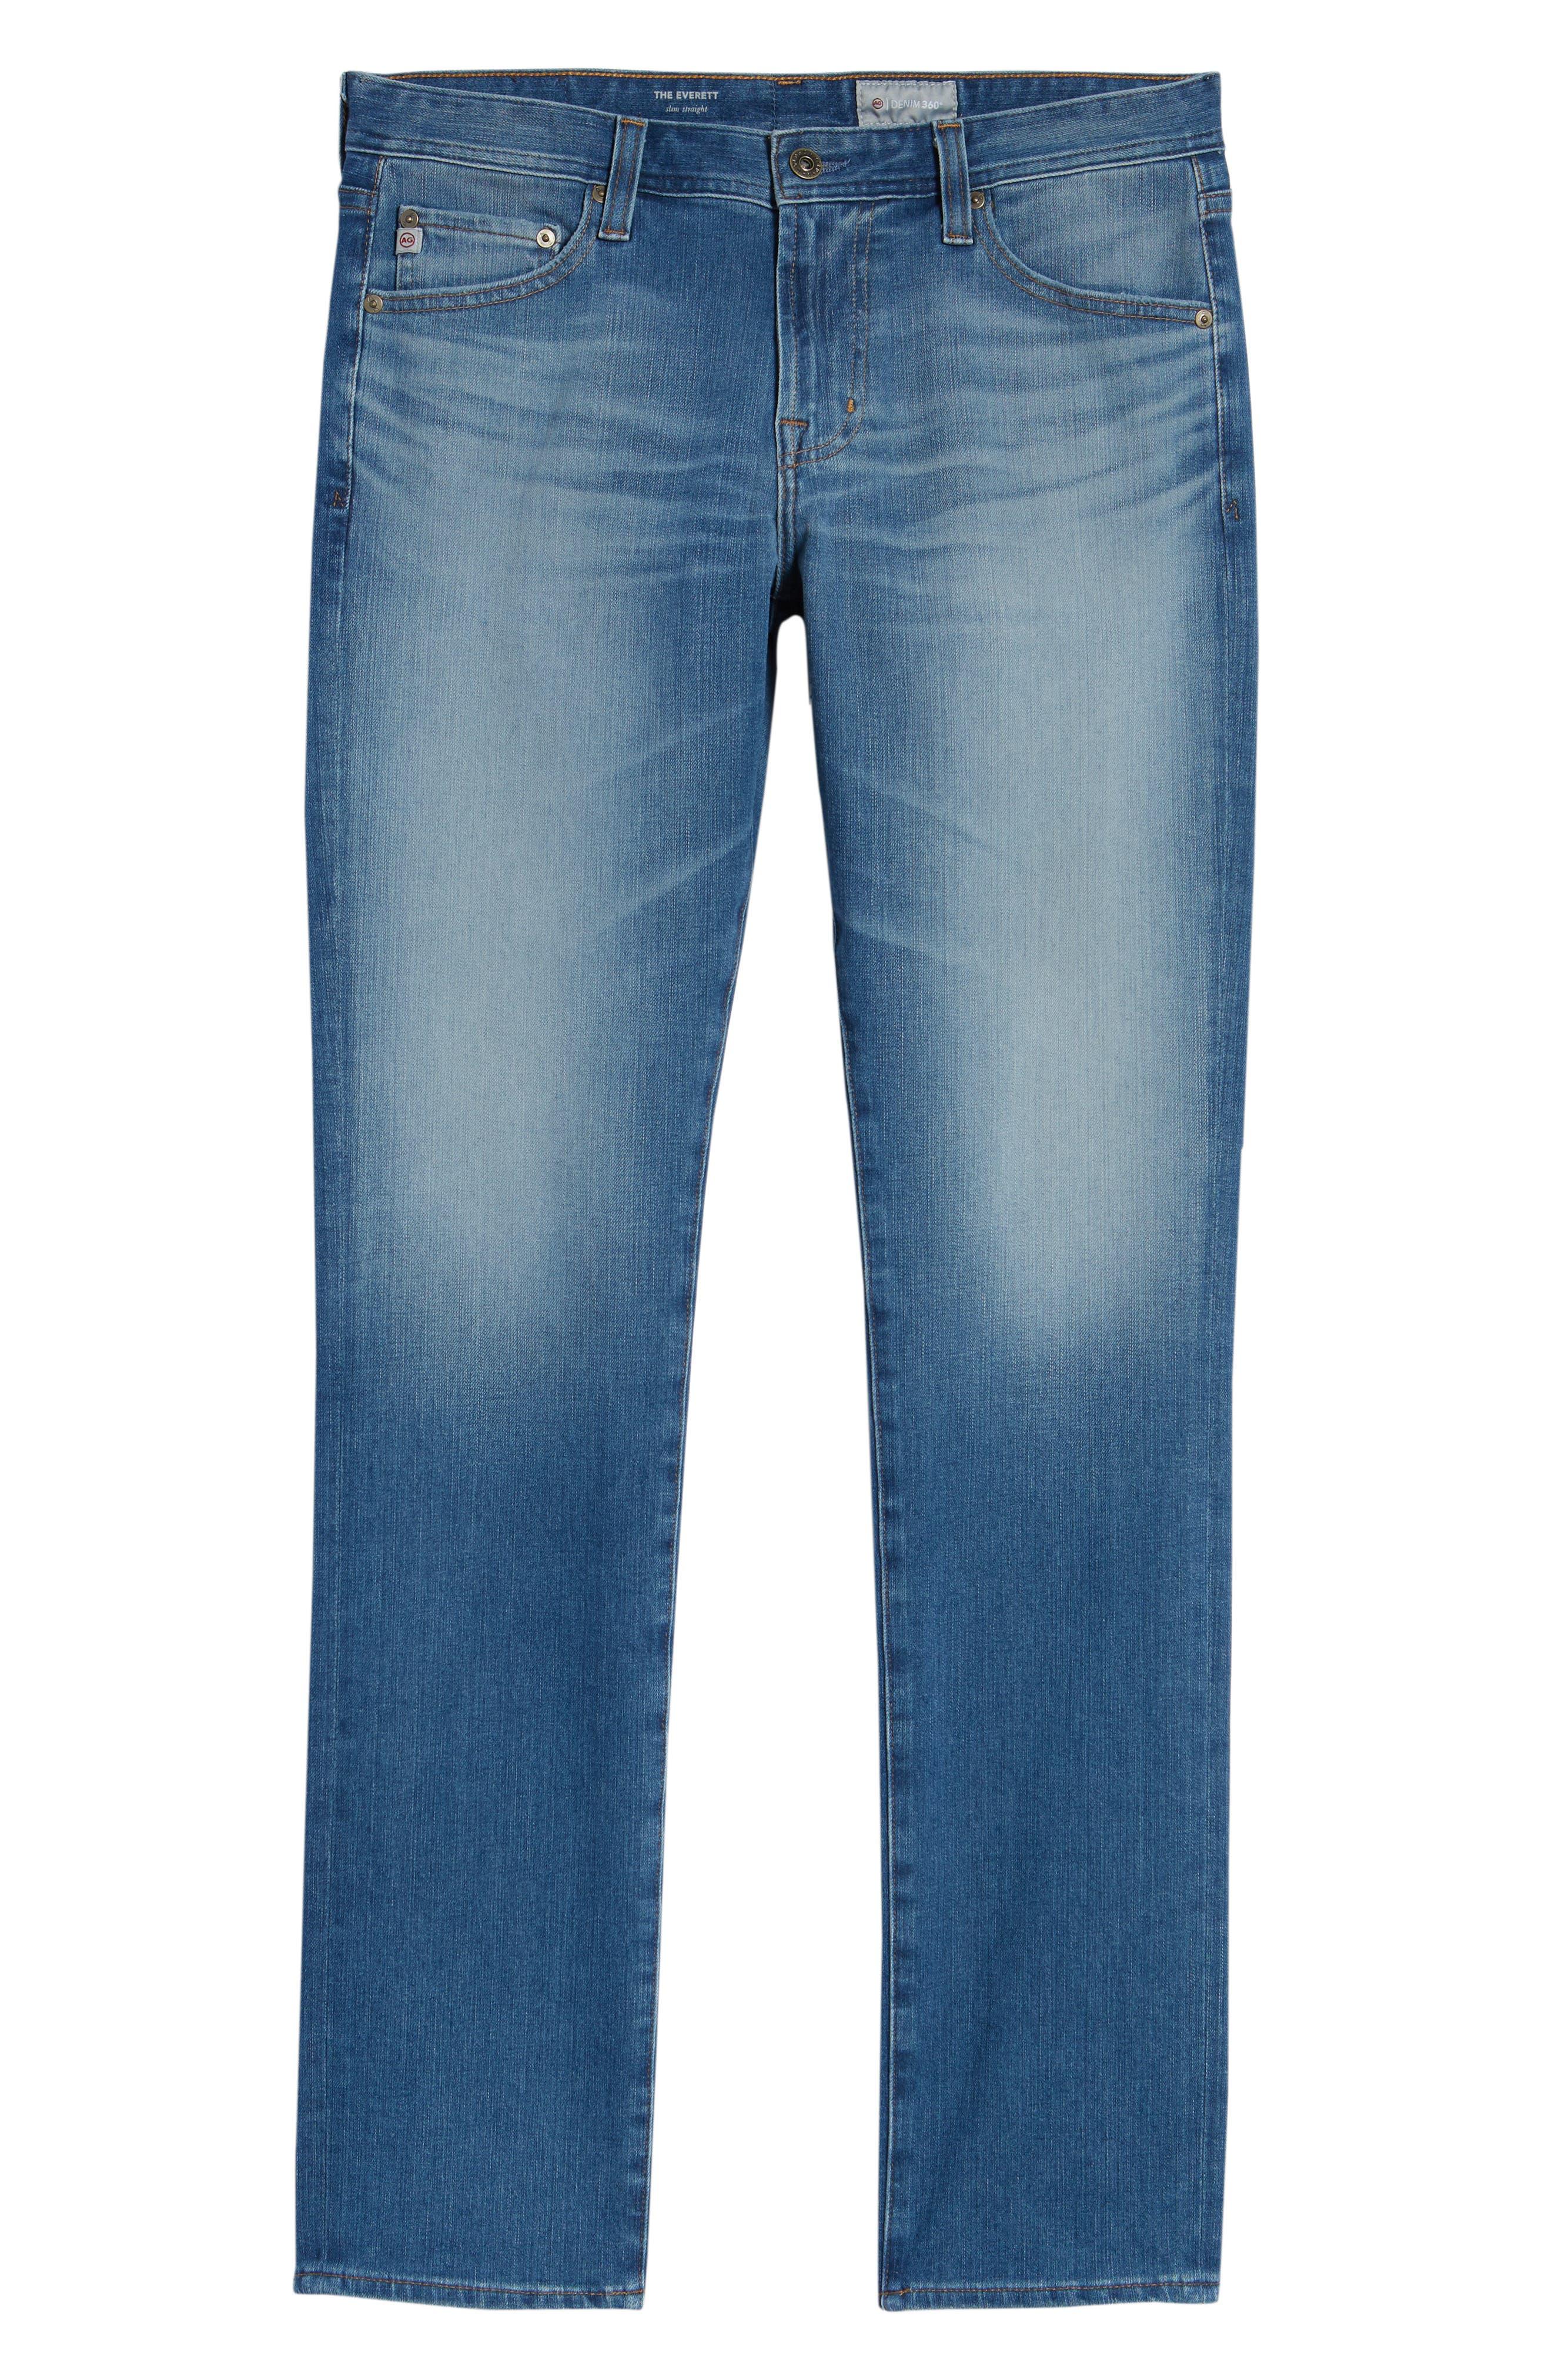 Everett Slim Straight Leg Jeans,                             Alternate thumbnail 6, color,                             487